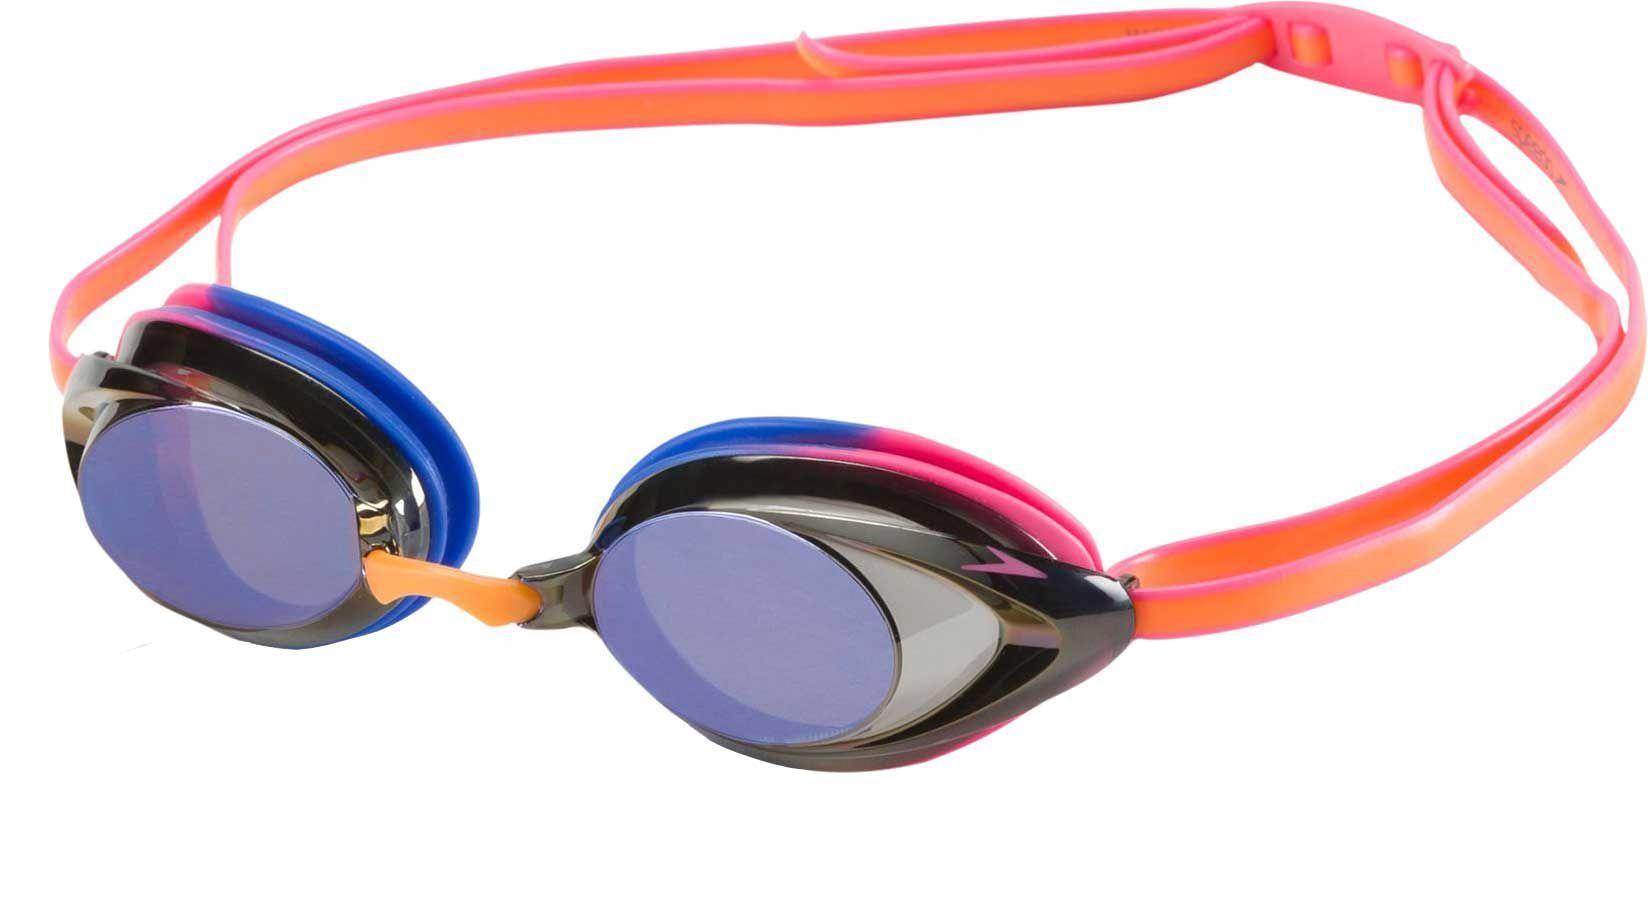 Speedo Women's Vanquisher 2.0 Mirrored Swim Goggles, Coral